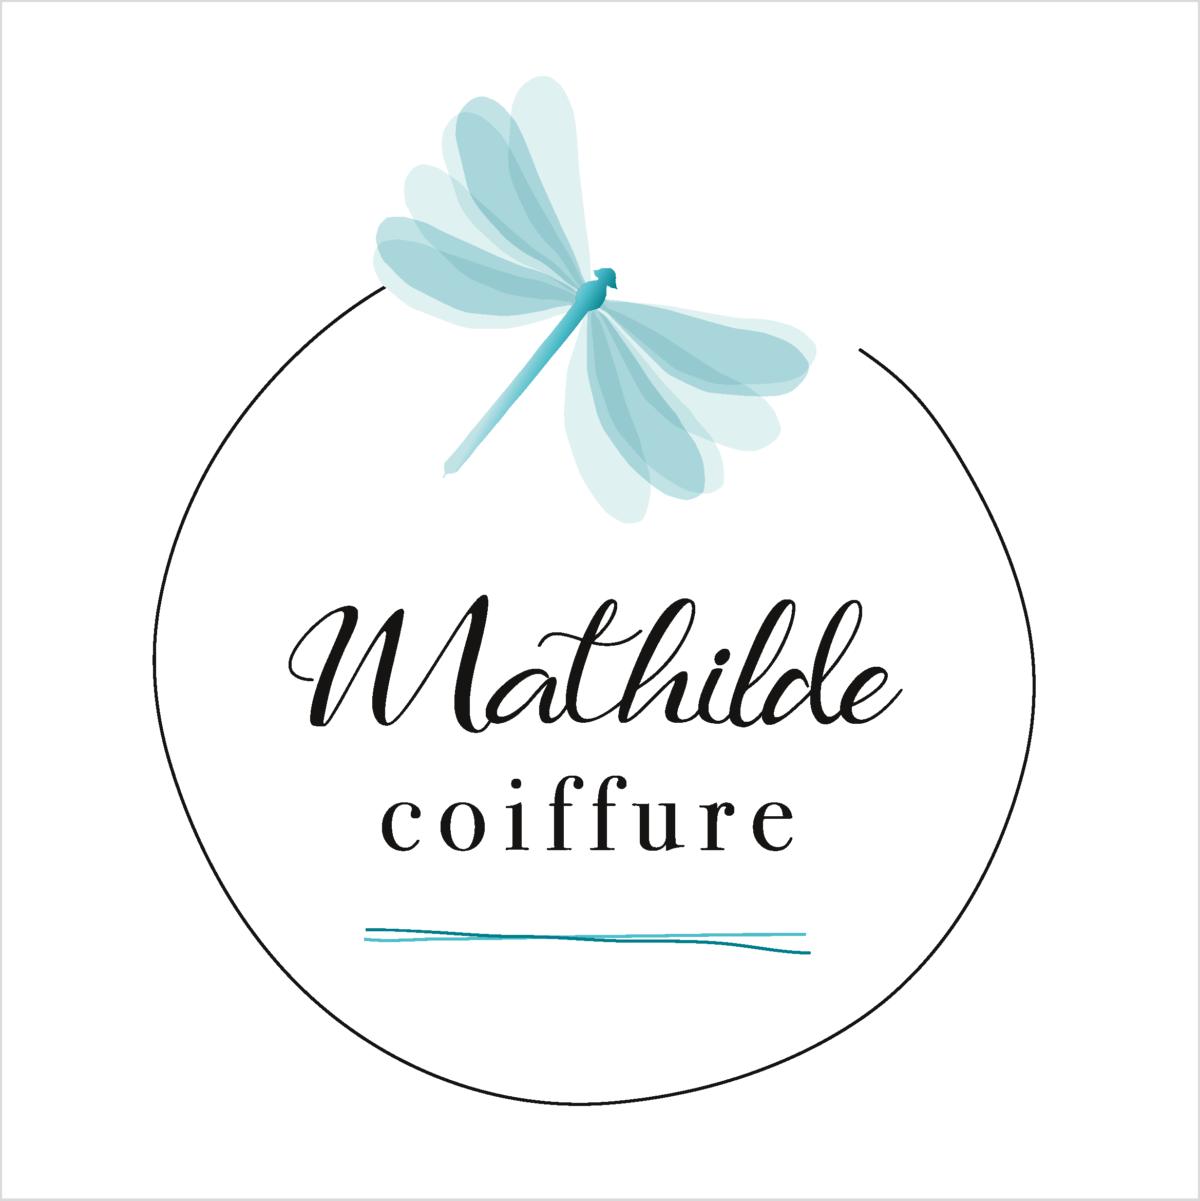 Mathilde coiffure identité graphique